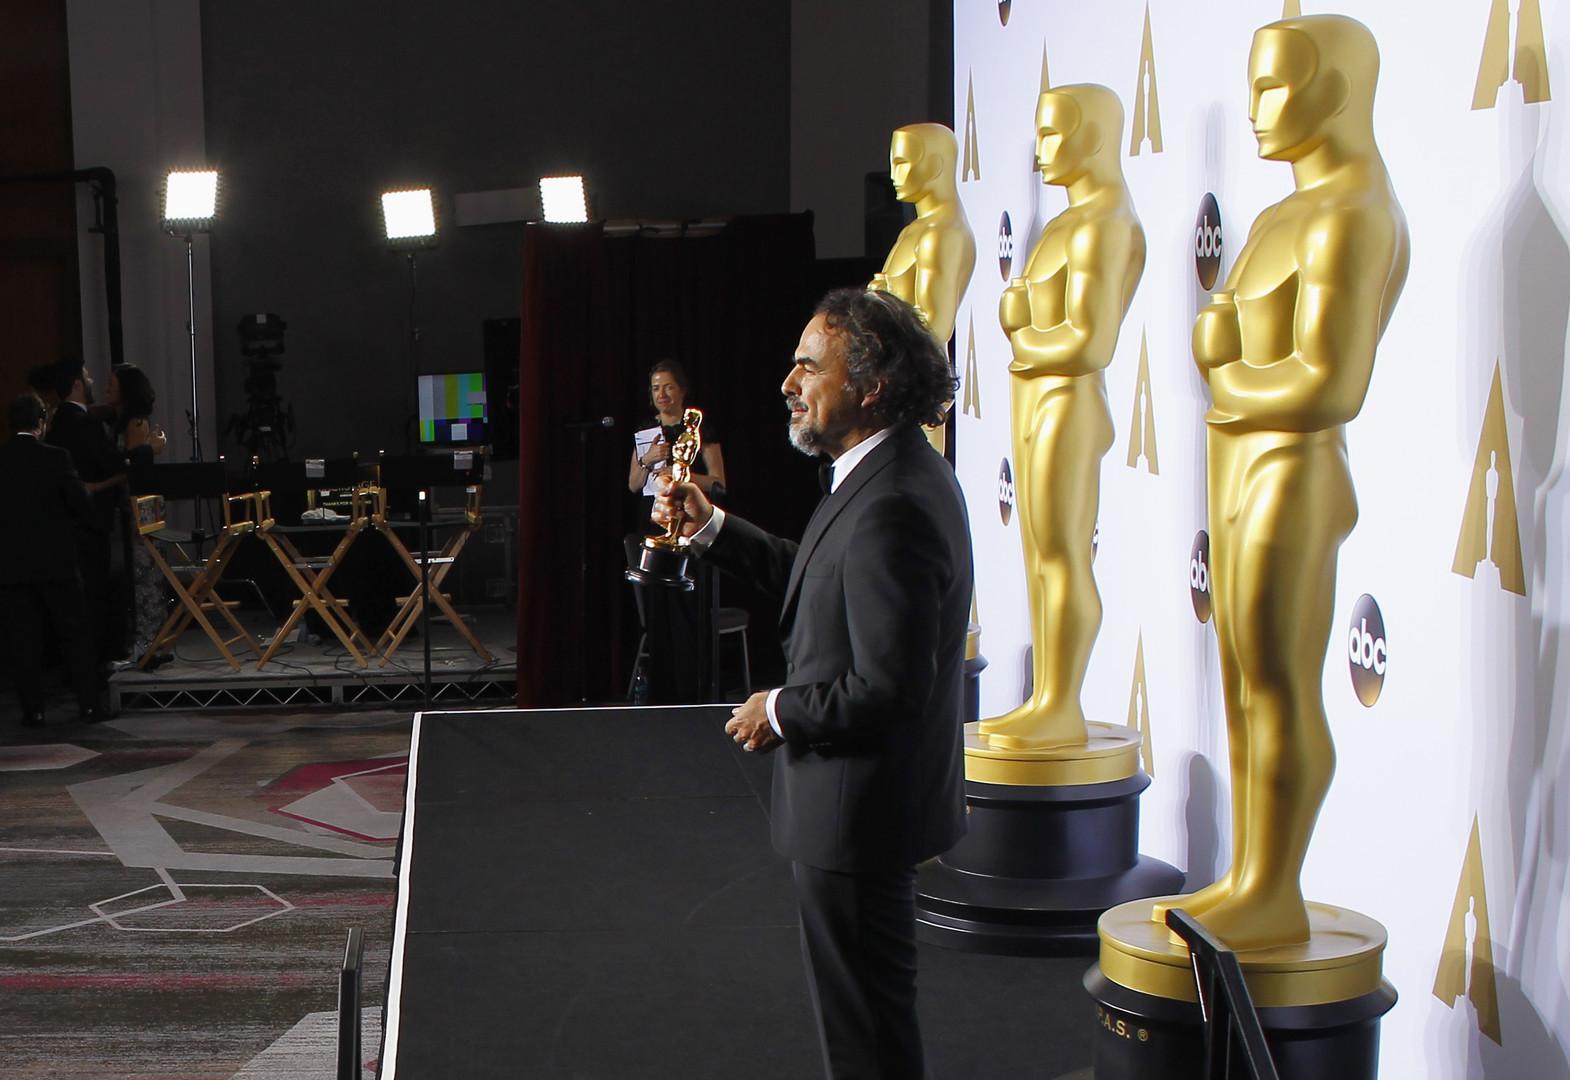 المكسيكي اليخاندرو جي إيناريتو  يفوز بأوسكار أفضل مخرج عن فيلم